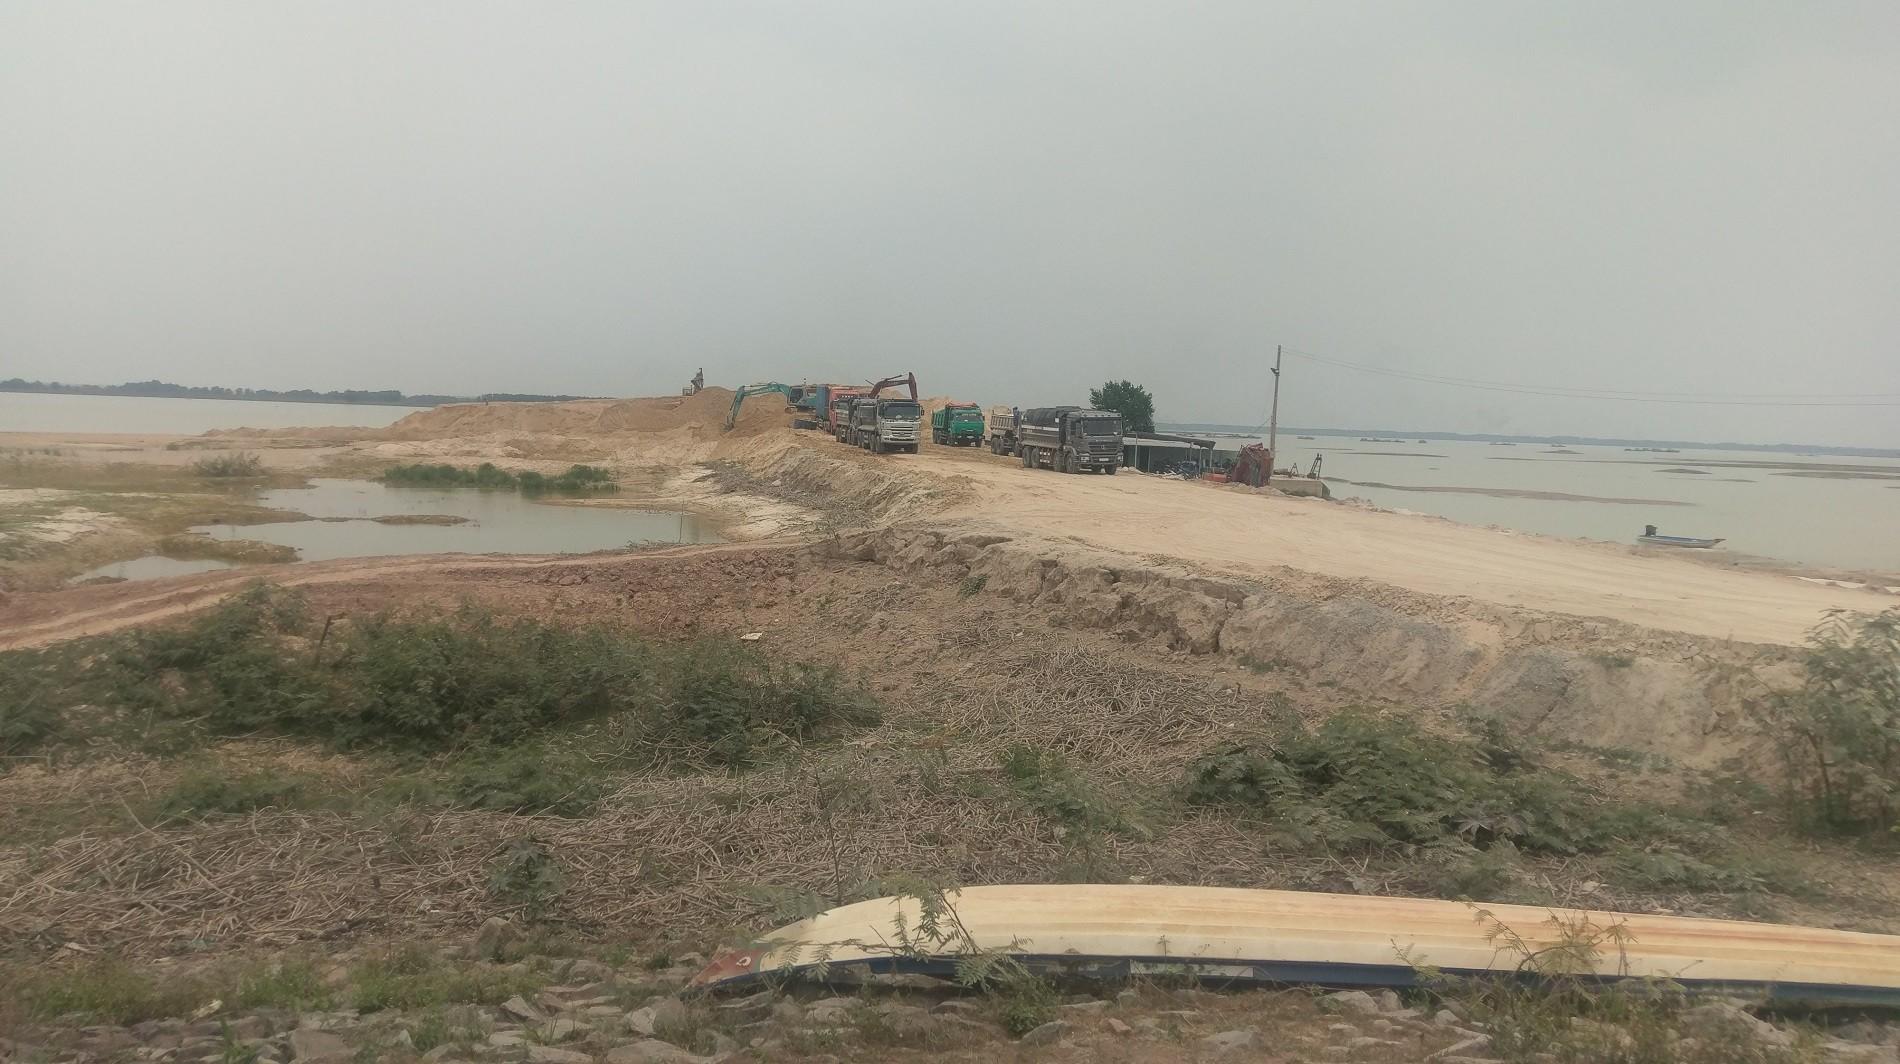 Tây Ninh: Khai thác cát ồ ạt, người dân than trời (Hình 3).